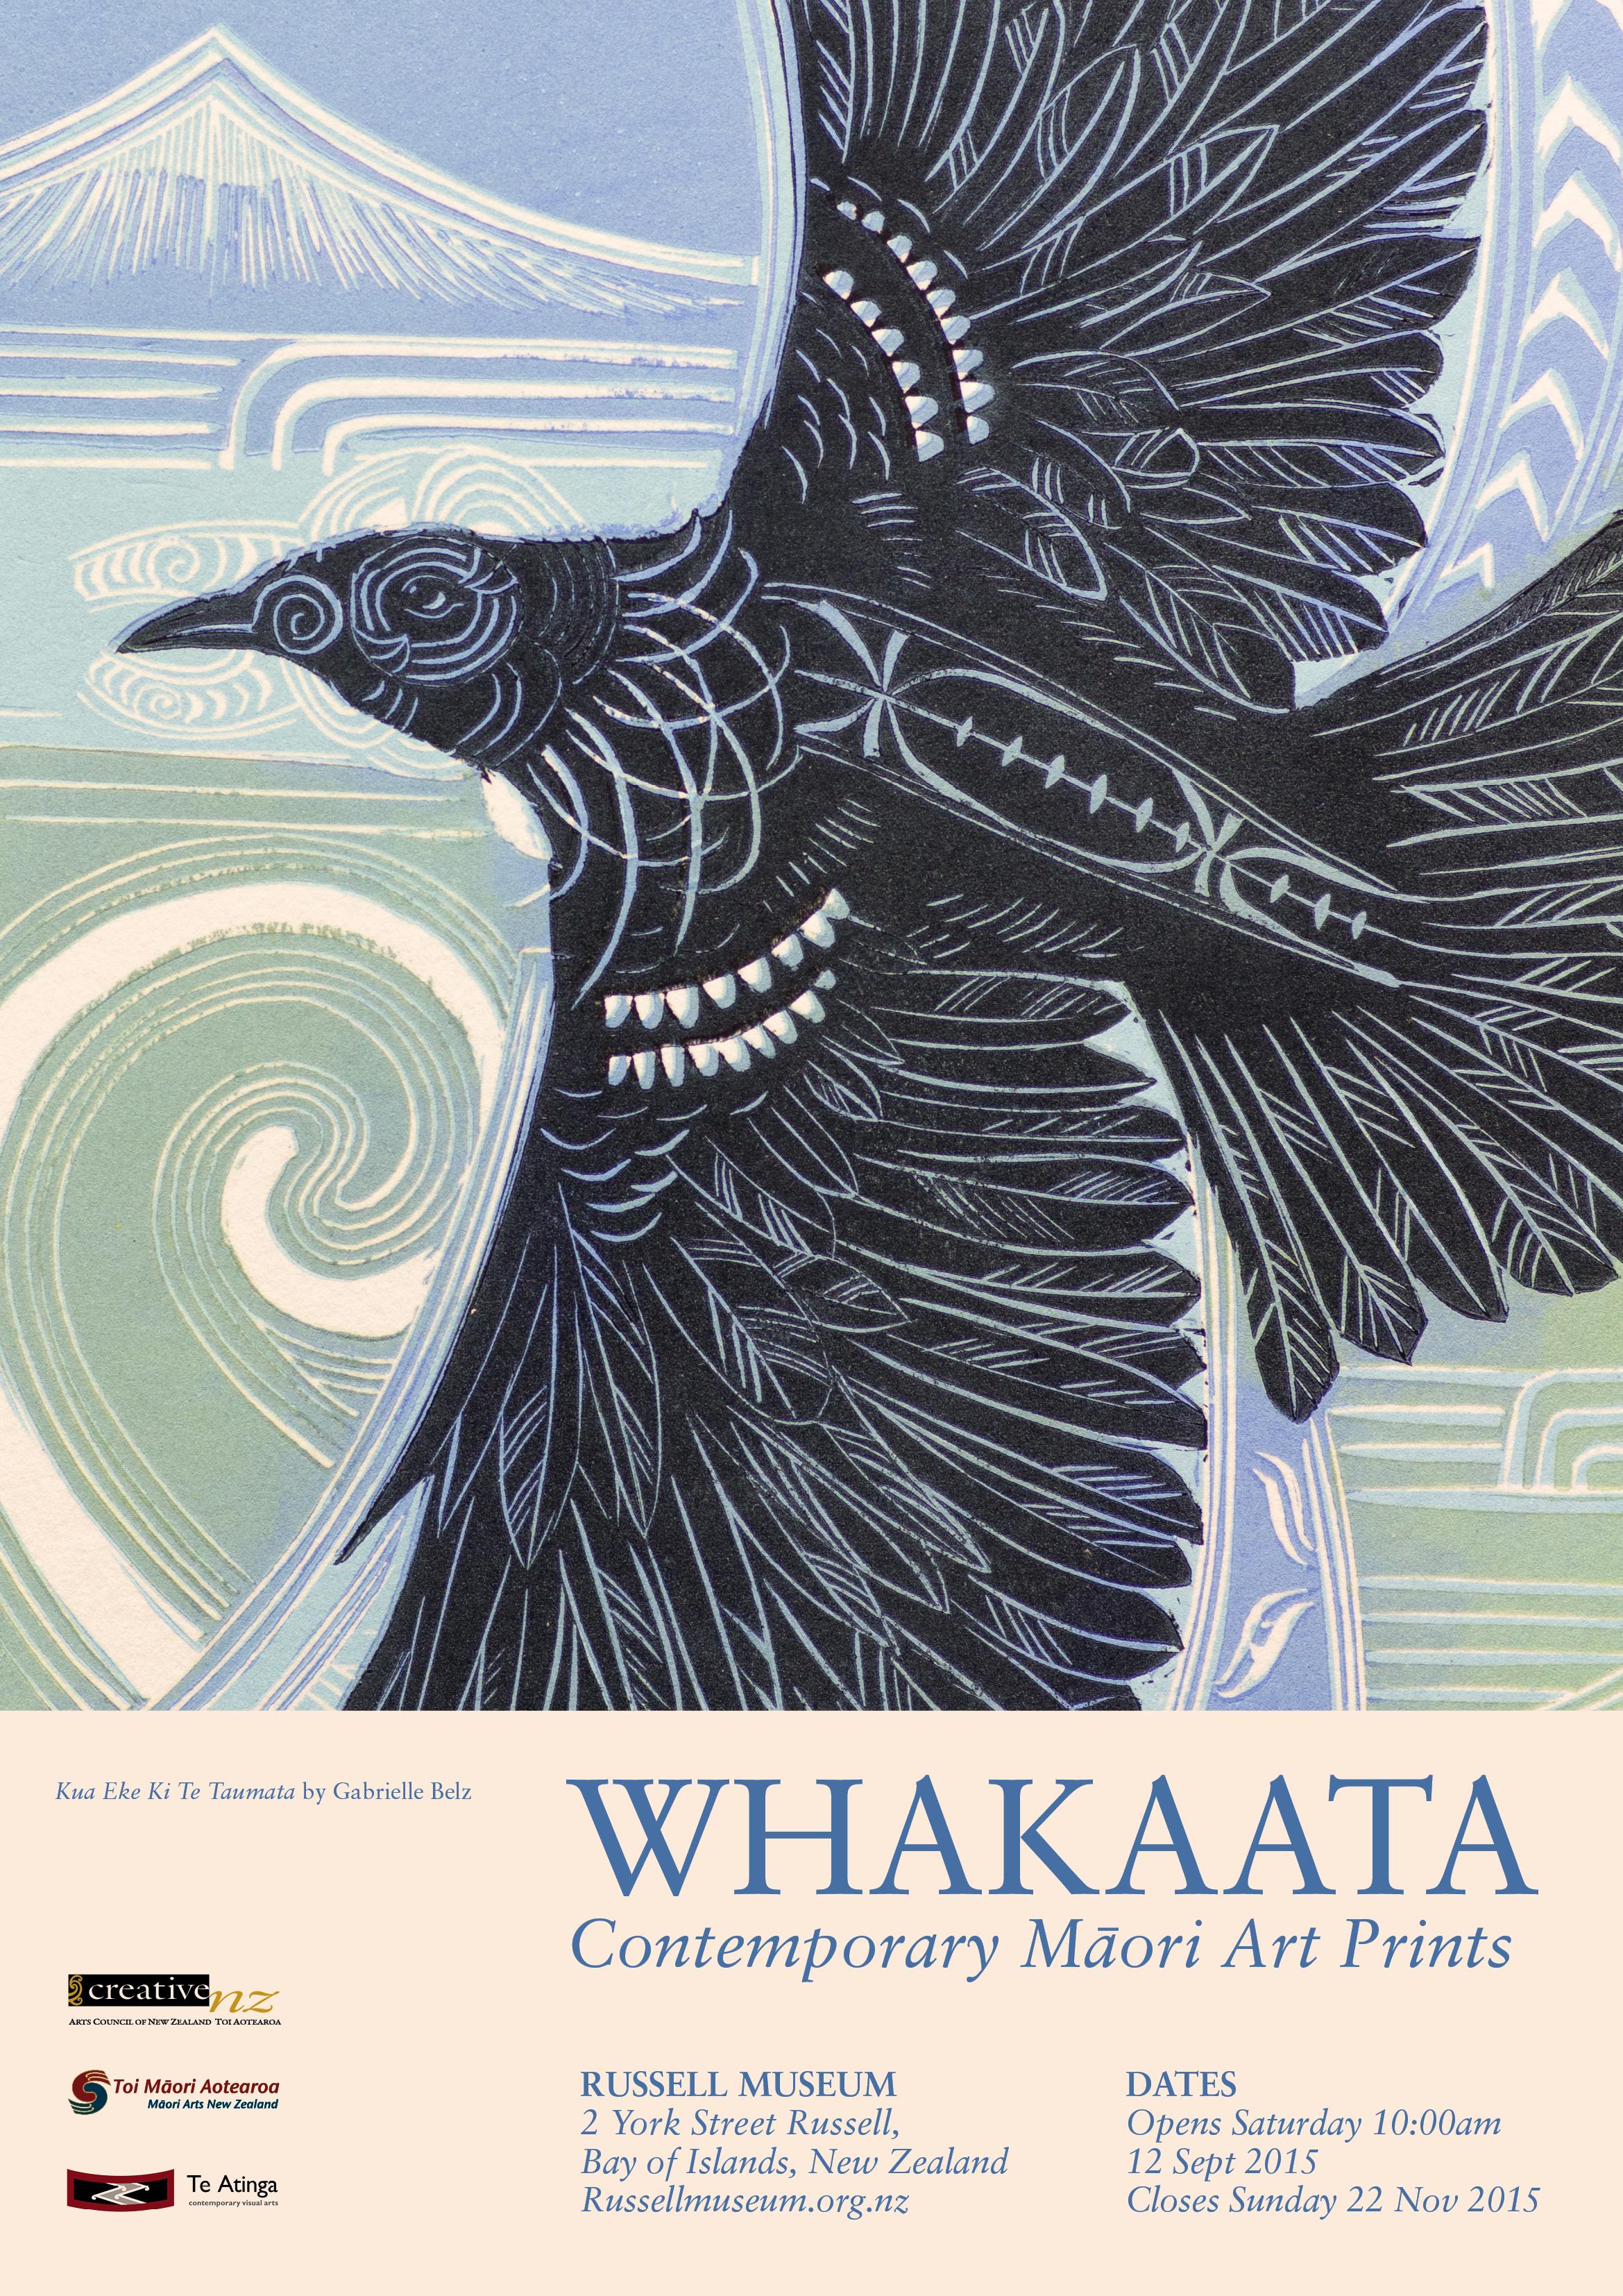 Whakaata – Contemporary Maori Art Prints